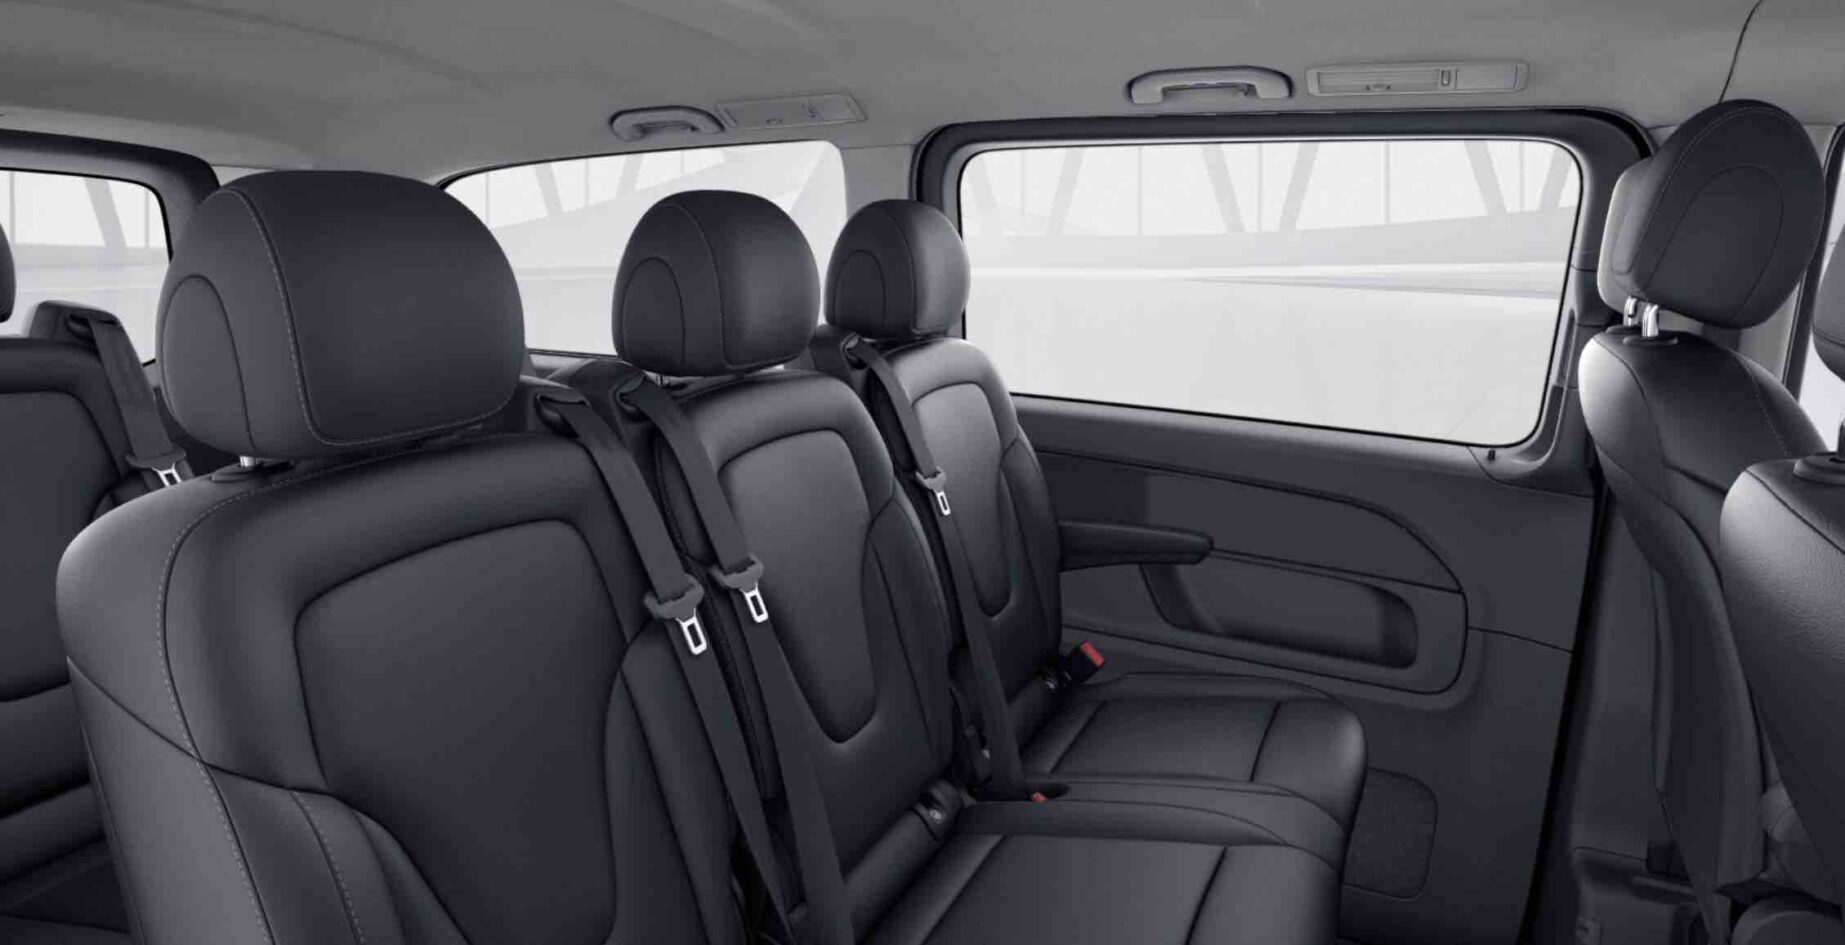 Luxury Chauffeur Car Service Milan – V Class Minivan Interior